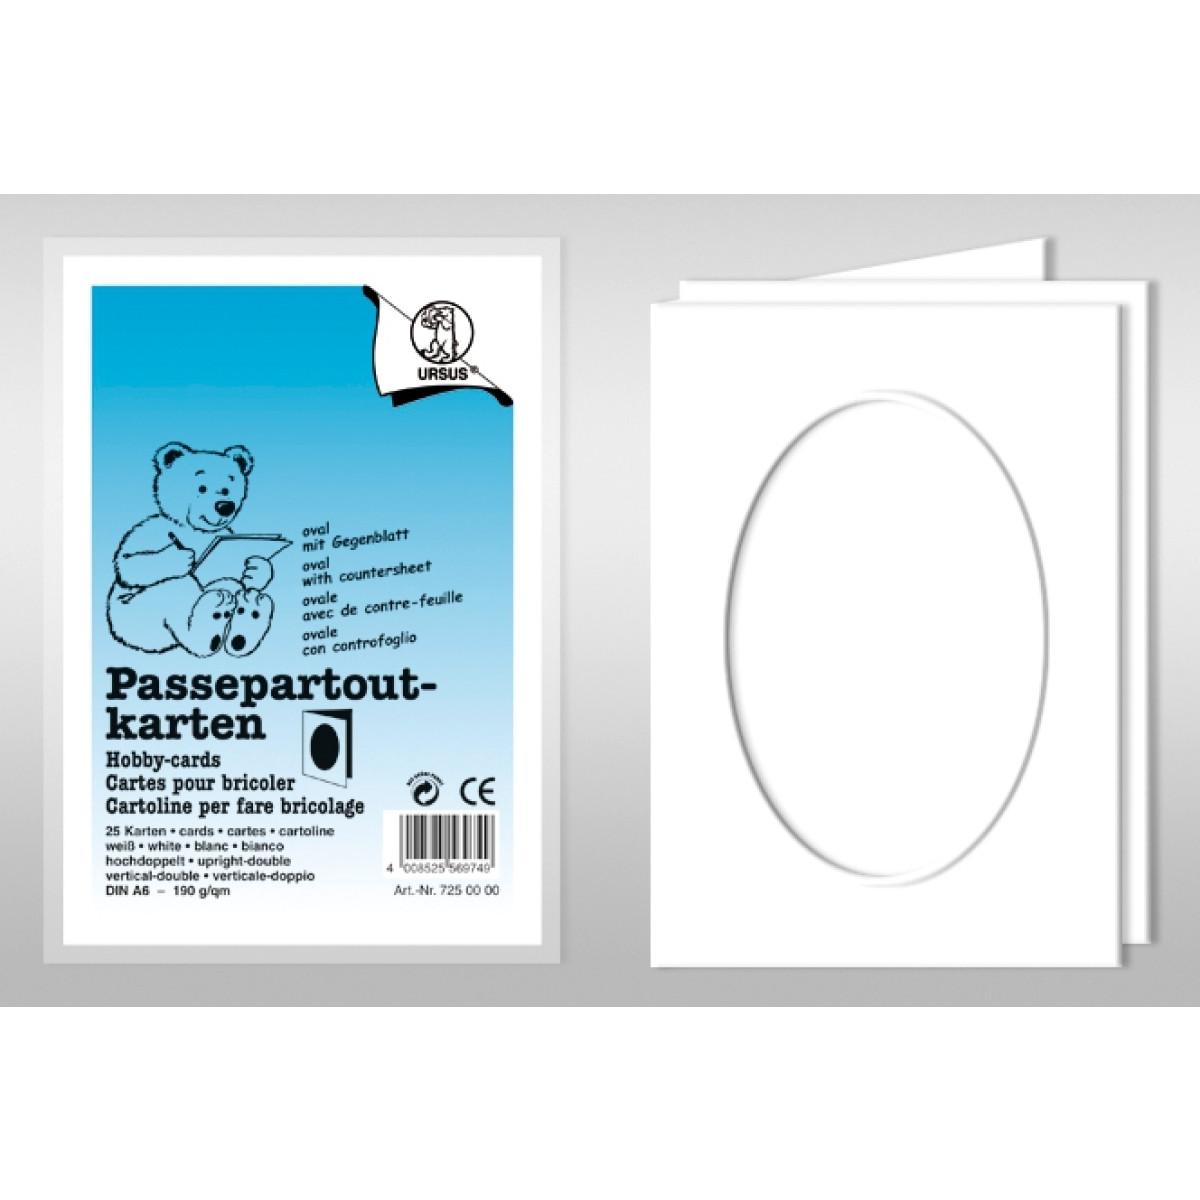 Passepartoutkarten oval DIN A6 hochdoppelt - 10 Stück